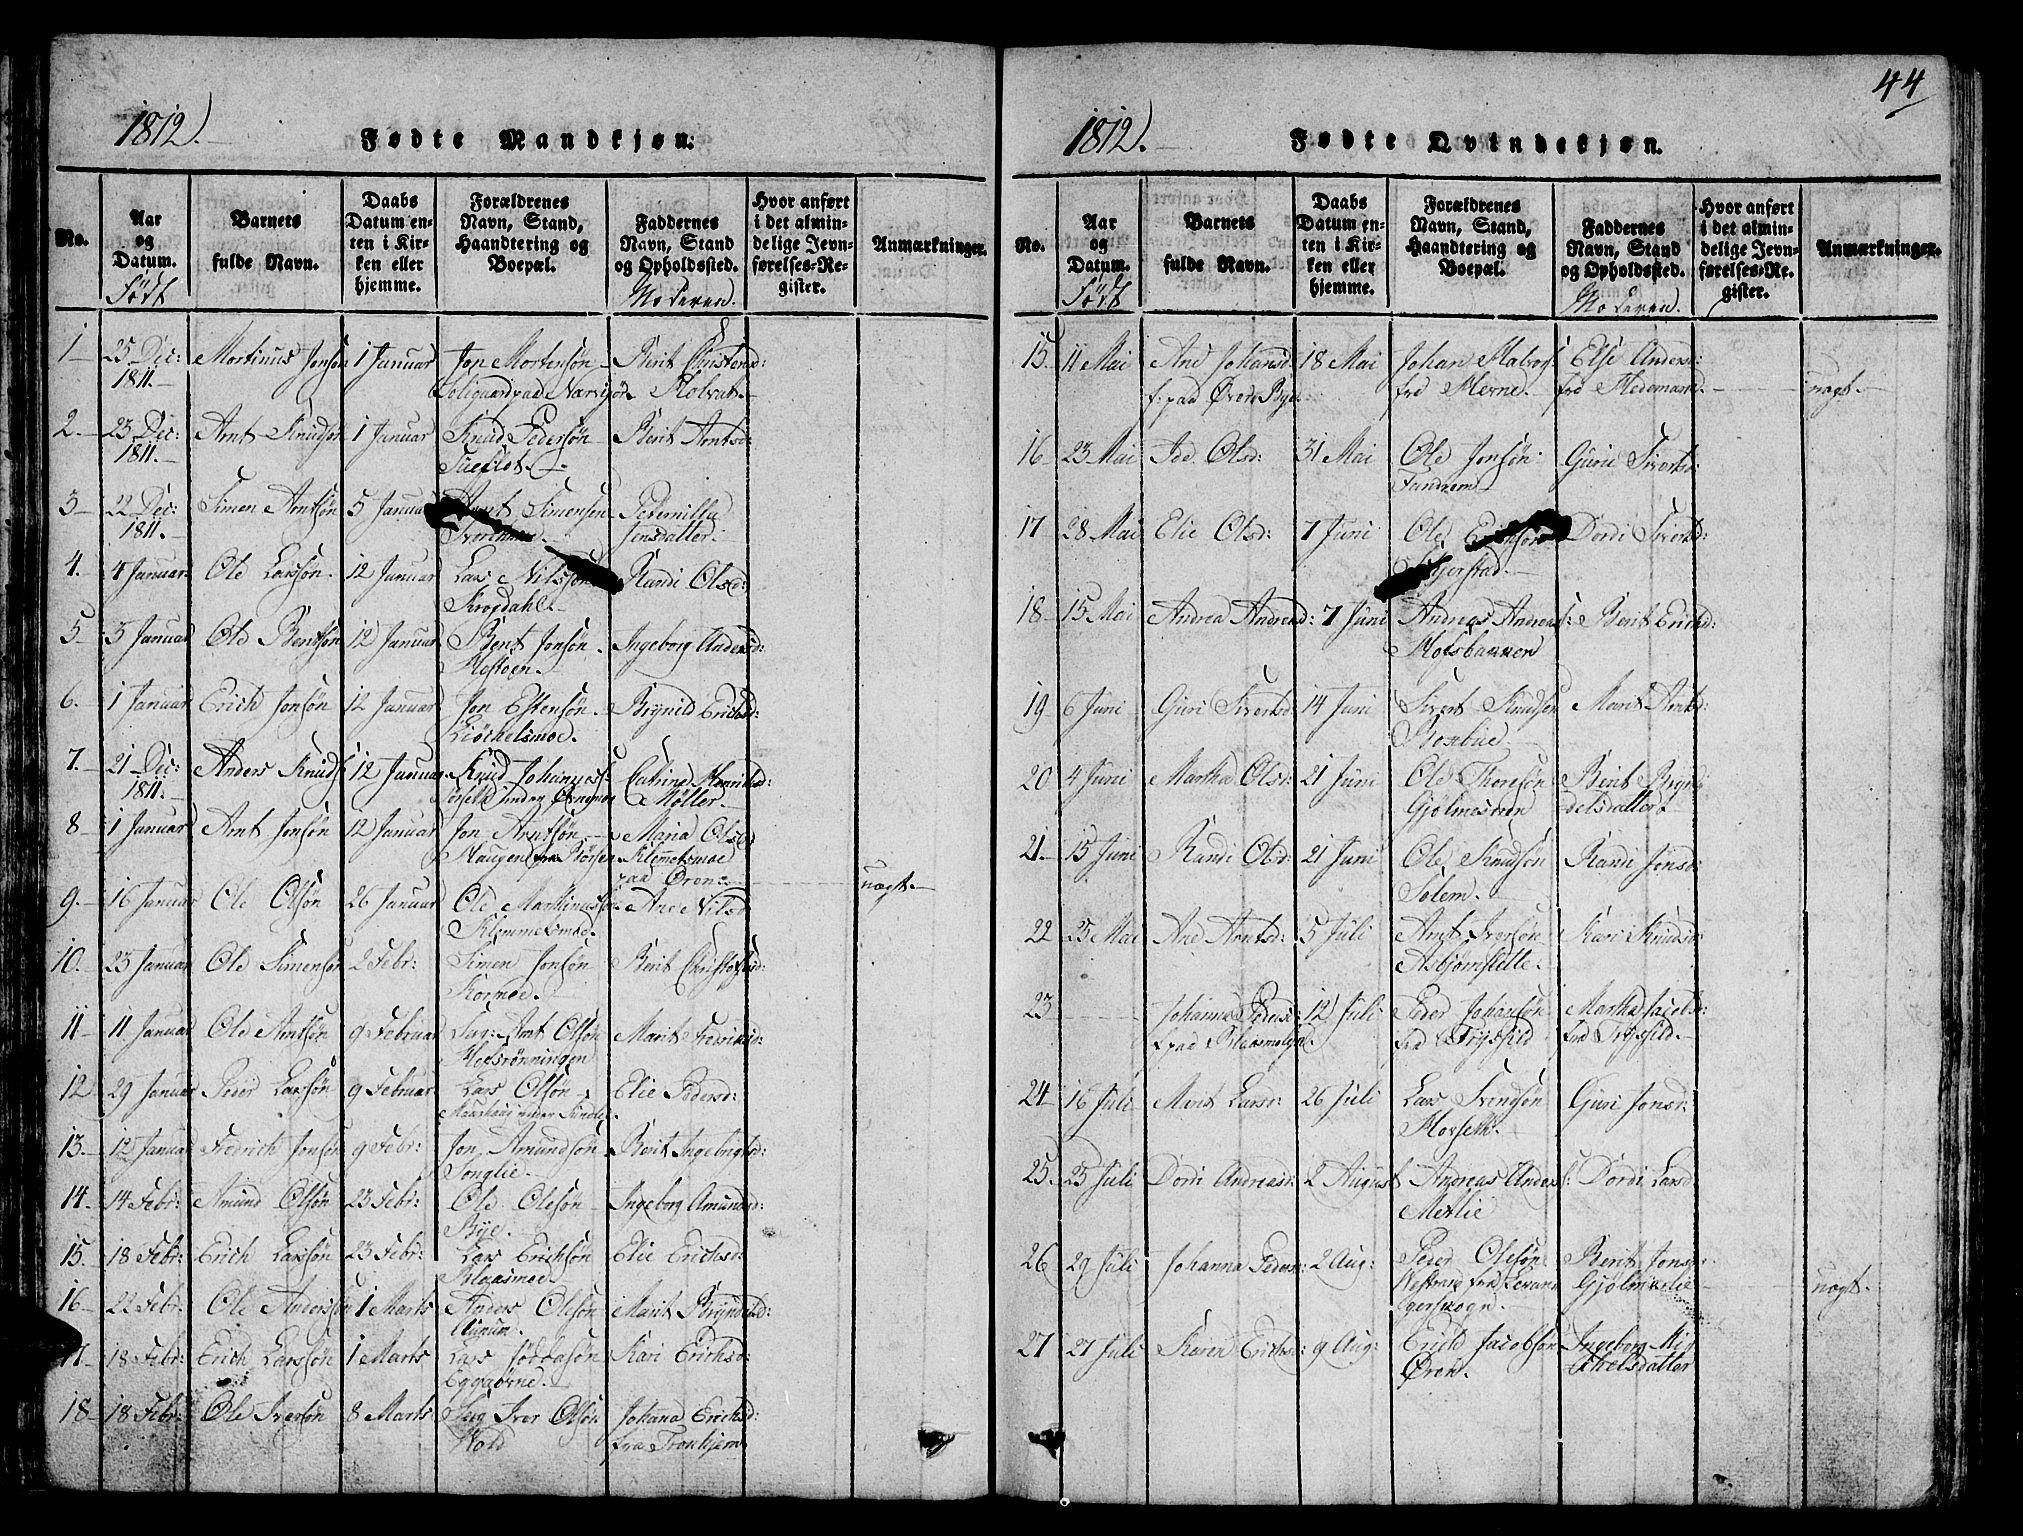 SAT, Ministerialprotokoller, klokkerbøker og fødselsregistre - Sør-Trøndelag, 668/L0803: Ministerialbok nr. 668A03, 1800-1826, s. 44